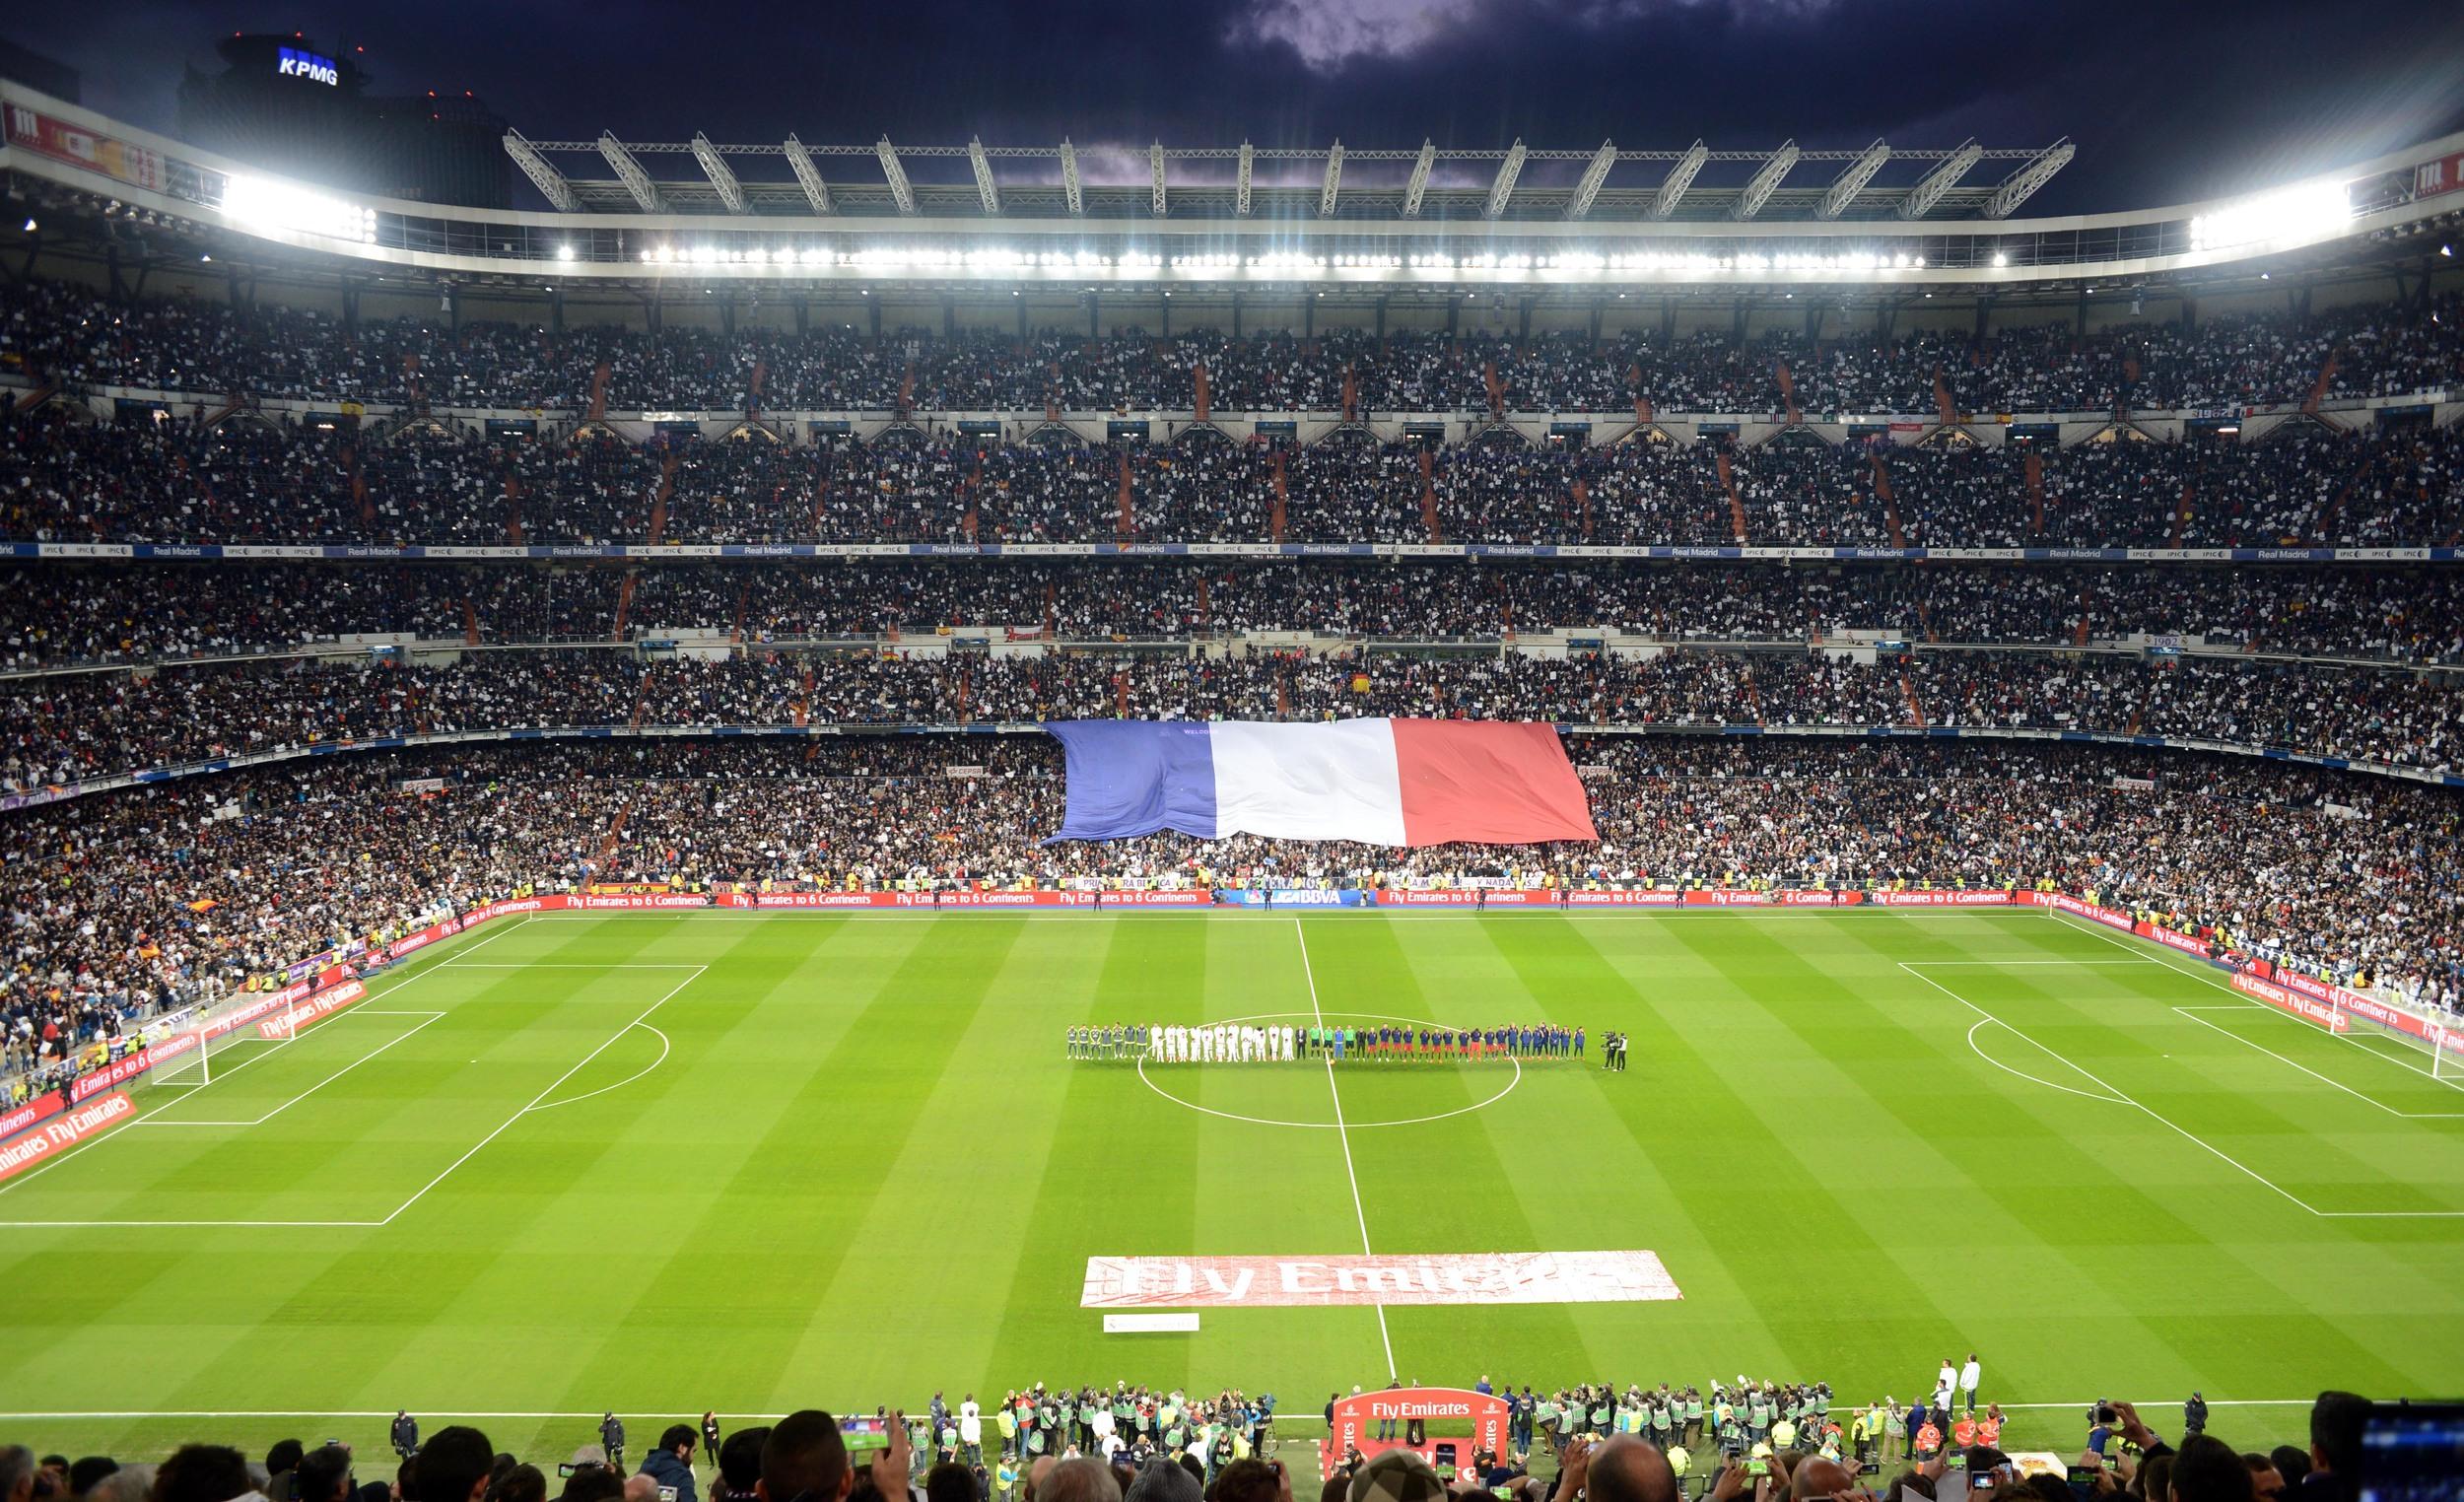 Homenaje a las víctimas de los atentados terroristas en París, antes del inicio del Clásico 171 de Liga, ganado por el Barcelona por 4-0 en Madrid - Foto: Eduardo Biscayart/21-nov-2015